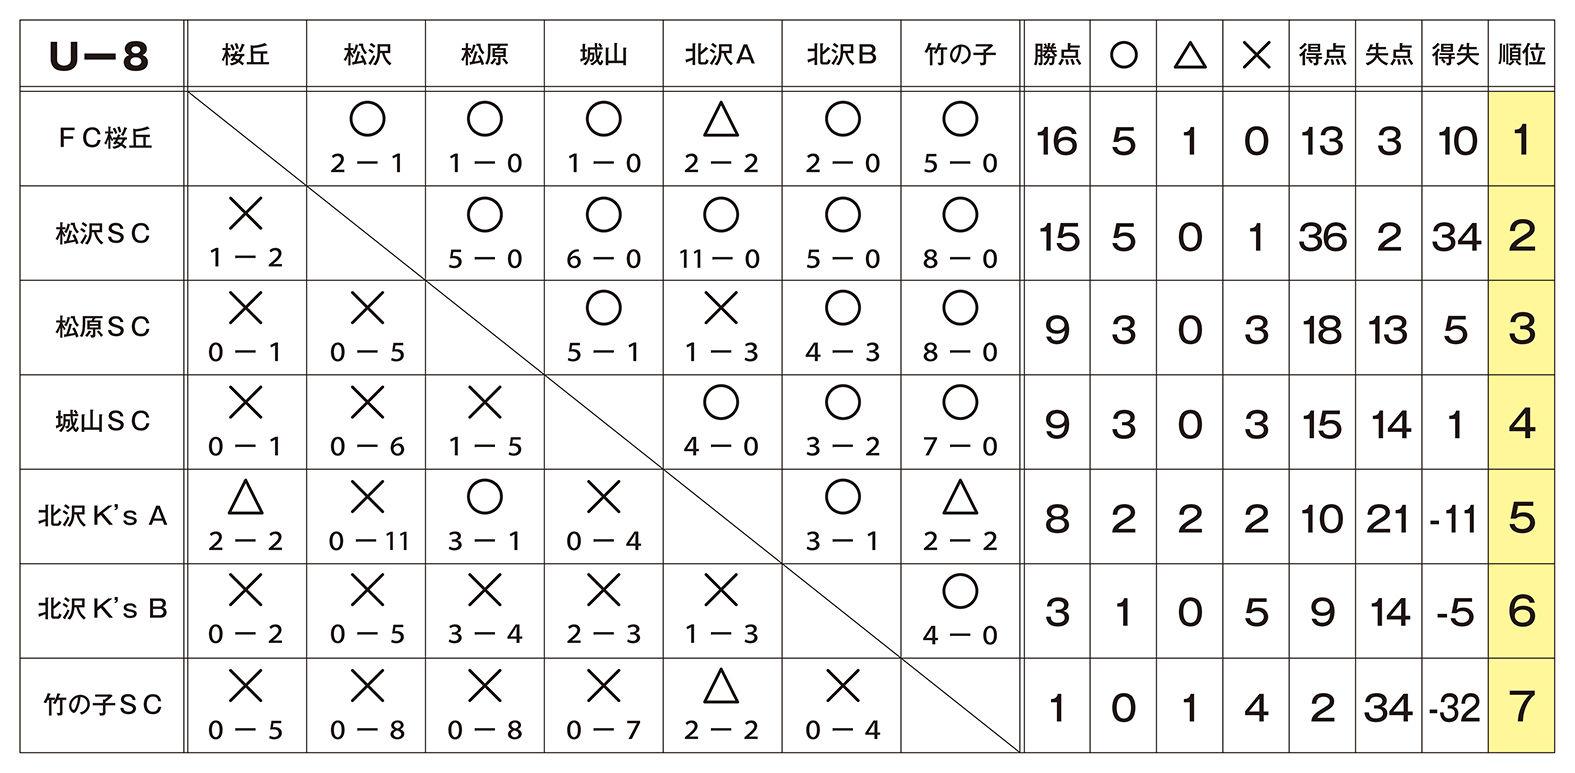 S-Eastリーグ星取表_U8